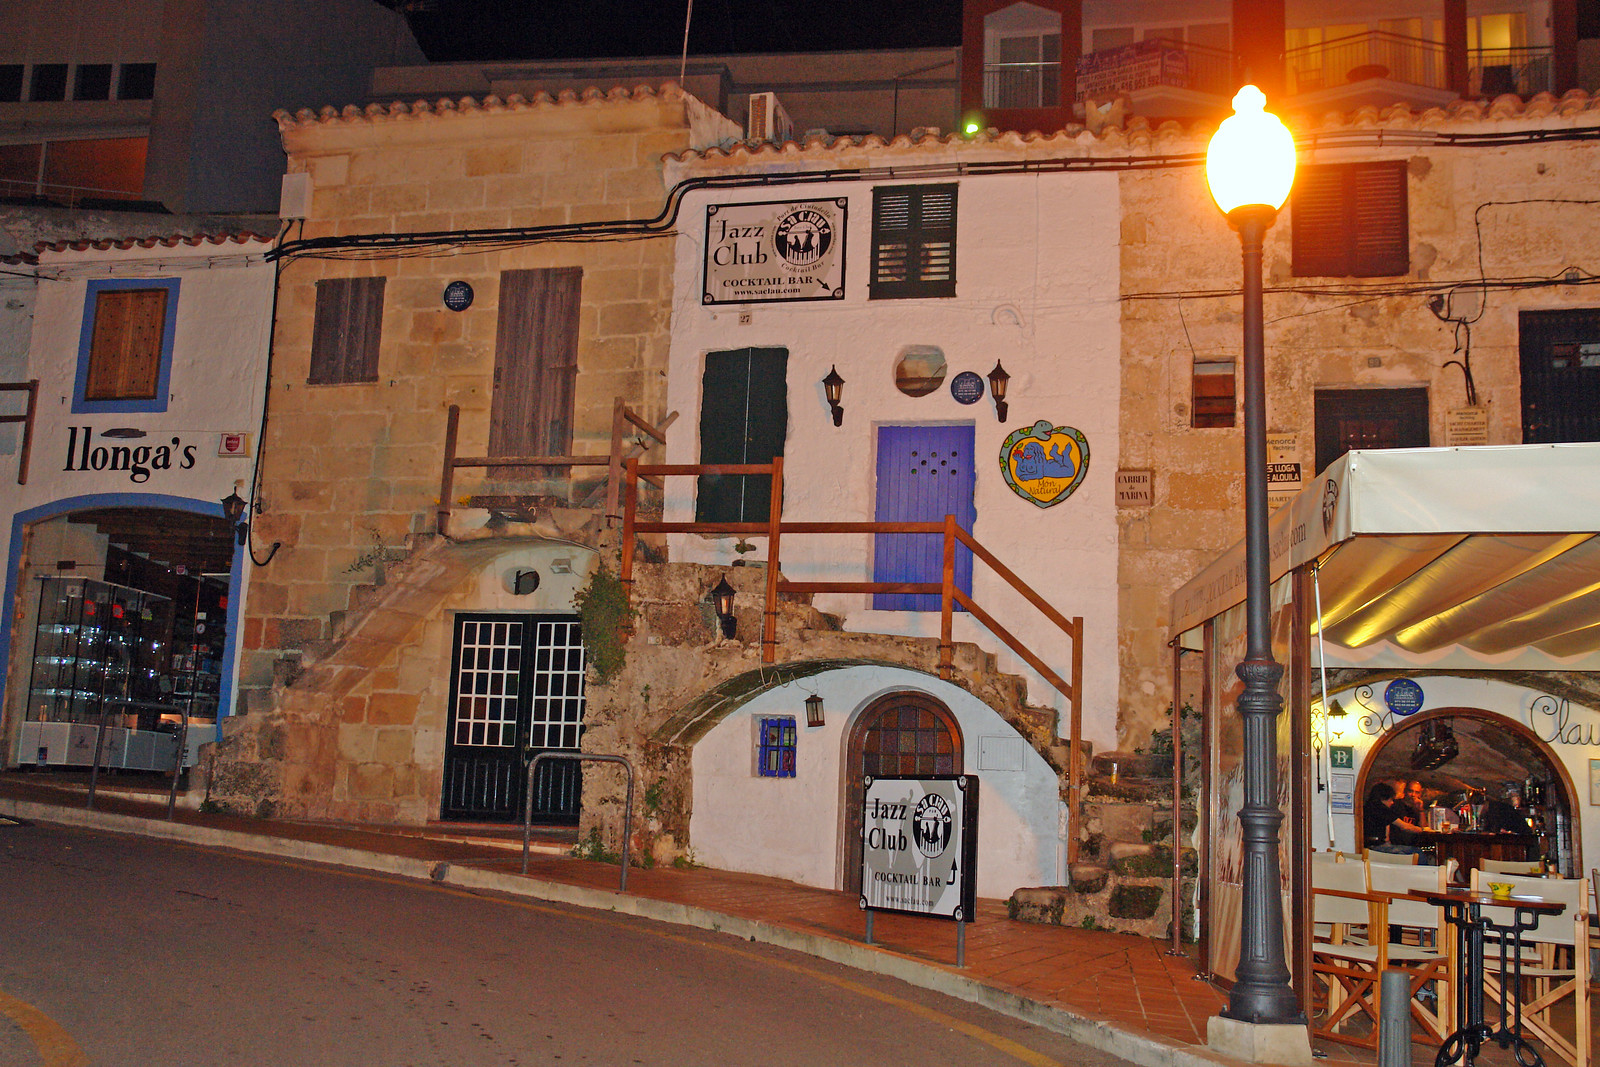 Qué ver en Menorca, Islas Baleares - thewotme qué ver en menorca - 50047057167 00180e42f3 h - Qué ver en Menorca, lugares a NO perderse